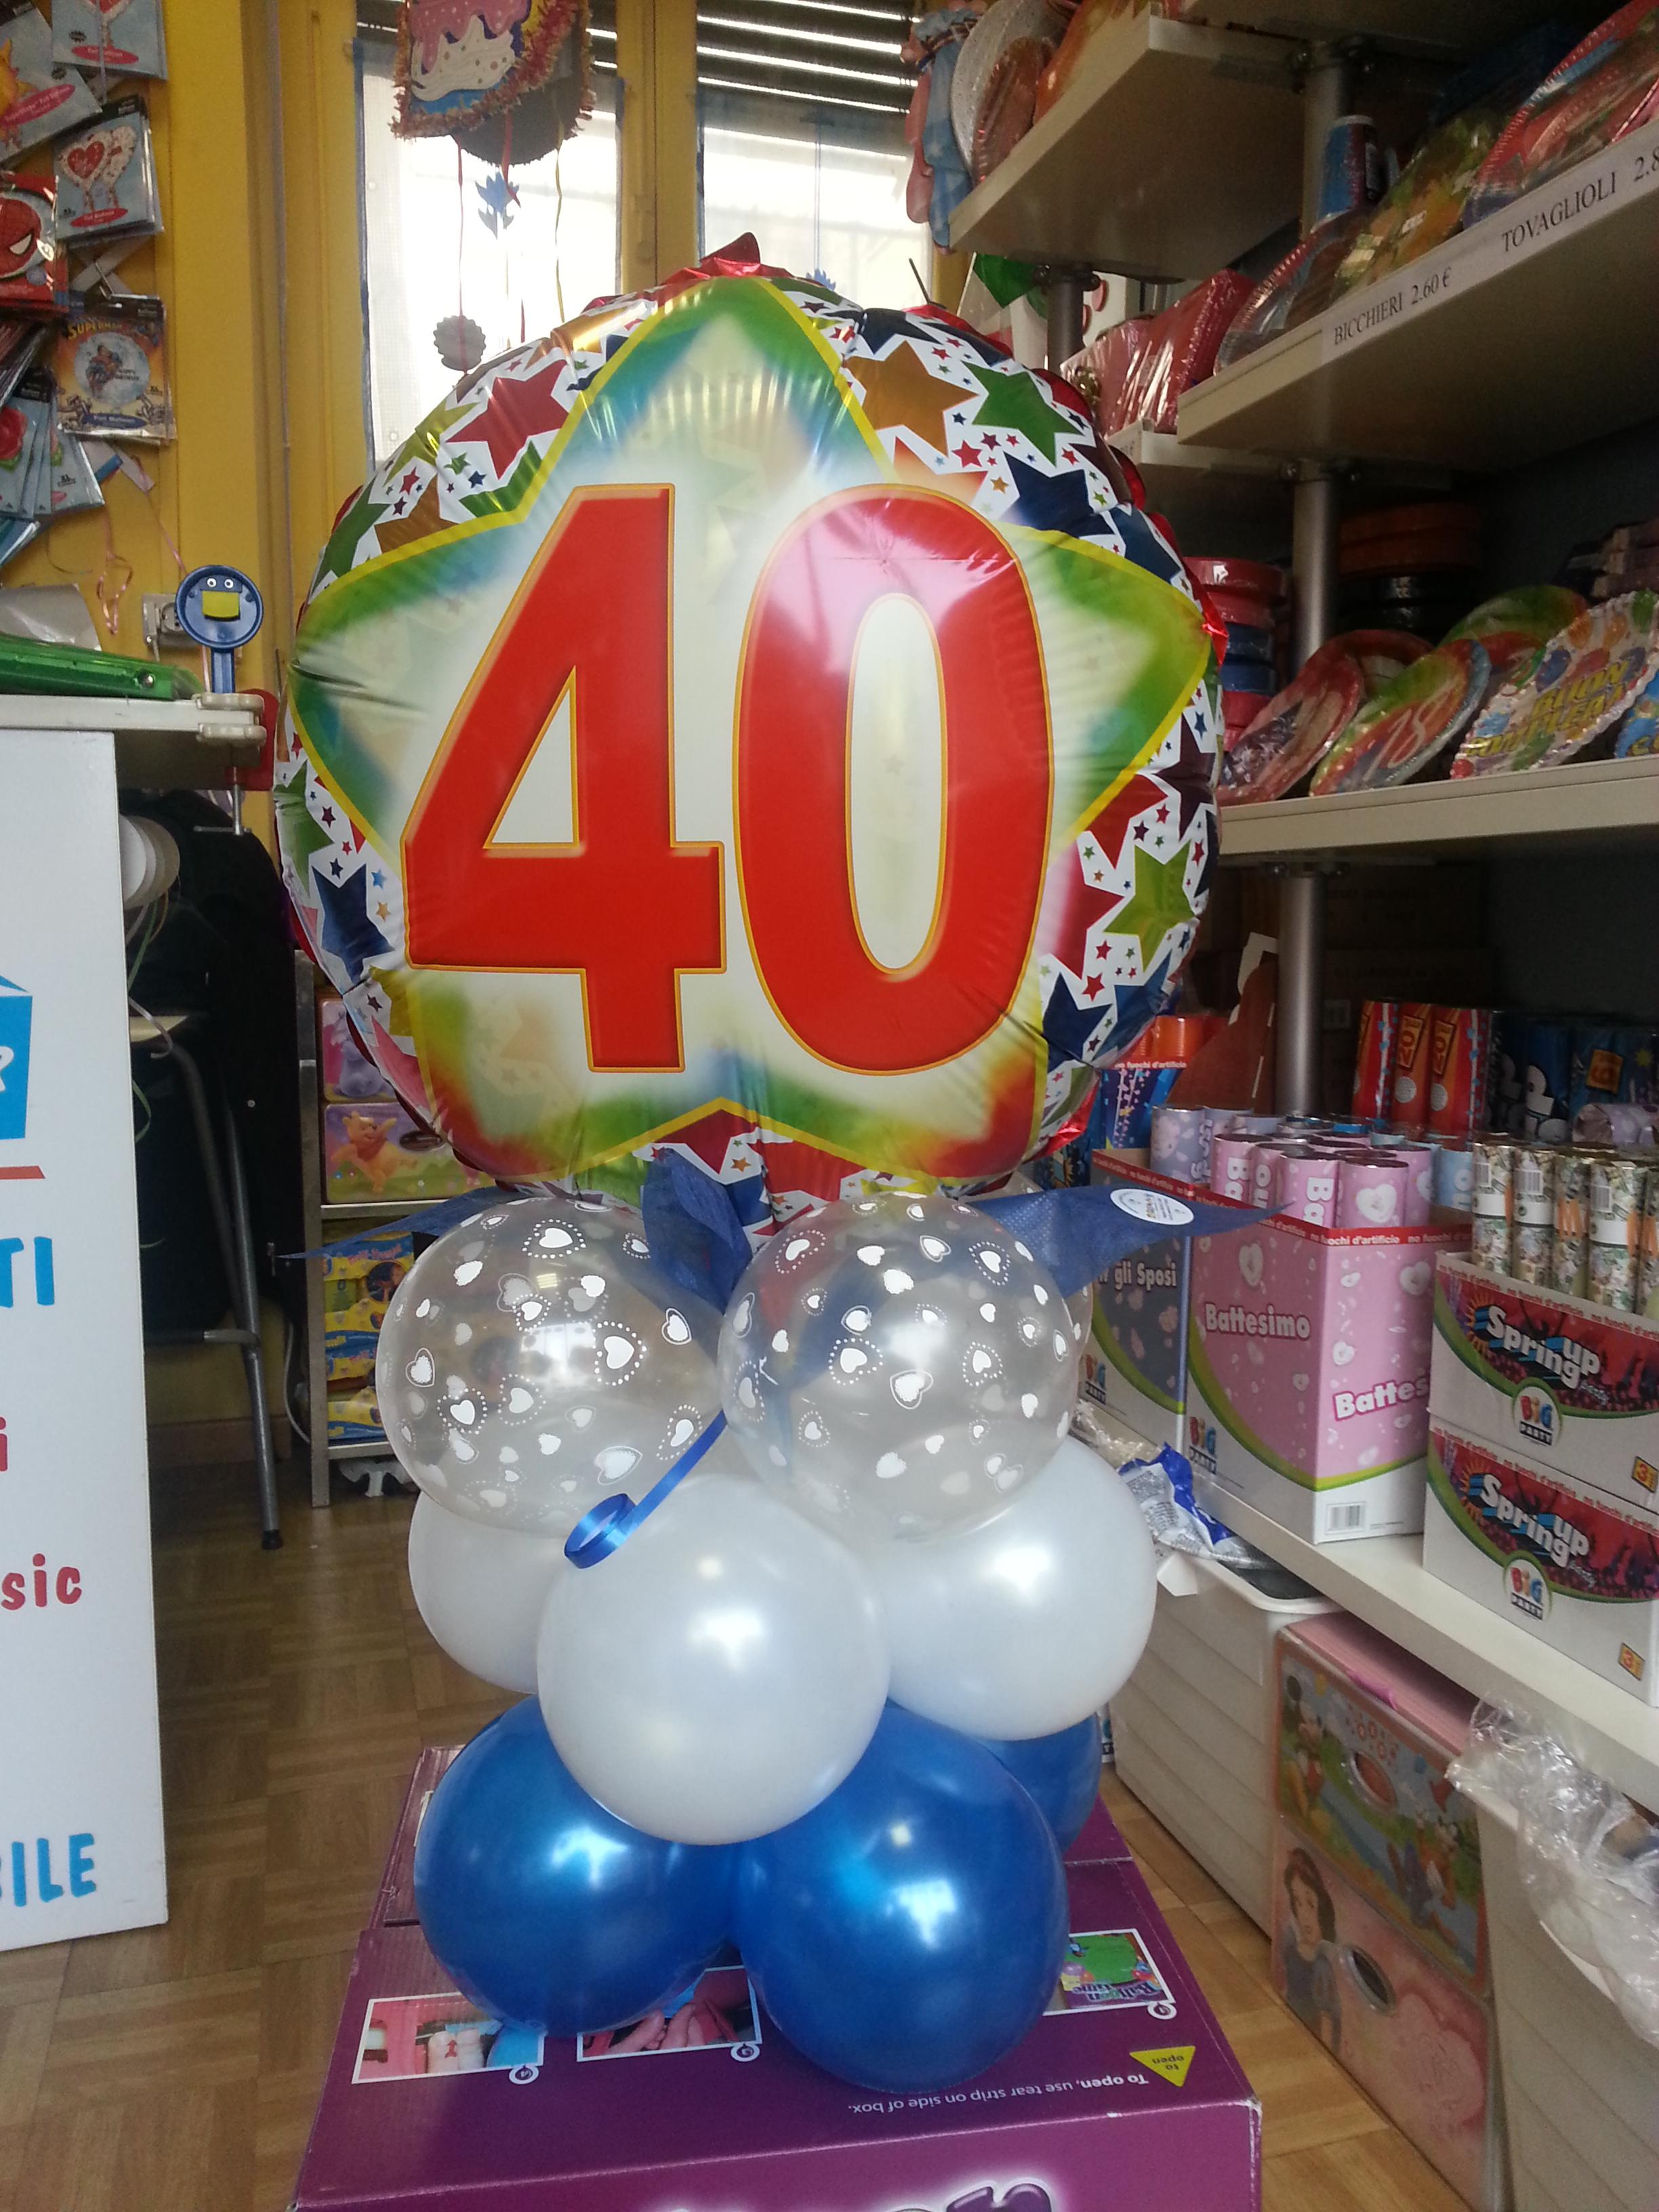 Festa Compleanno 40 Anni articoli feste compleanno - palloncini 40 anni happy party